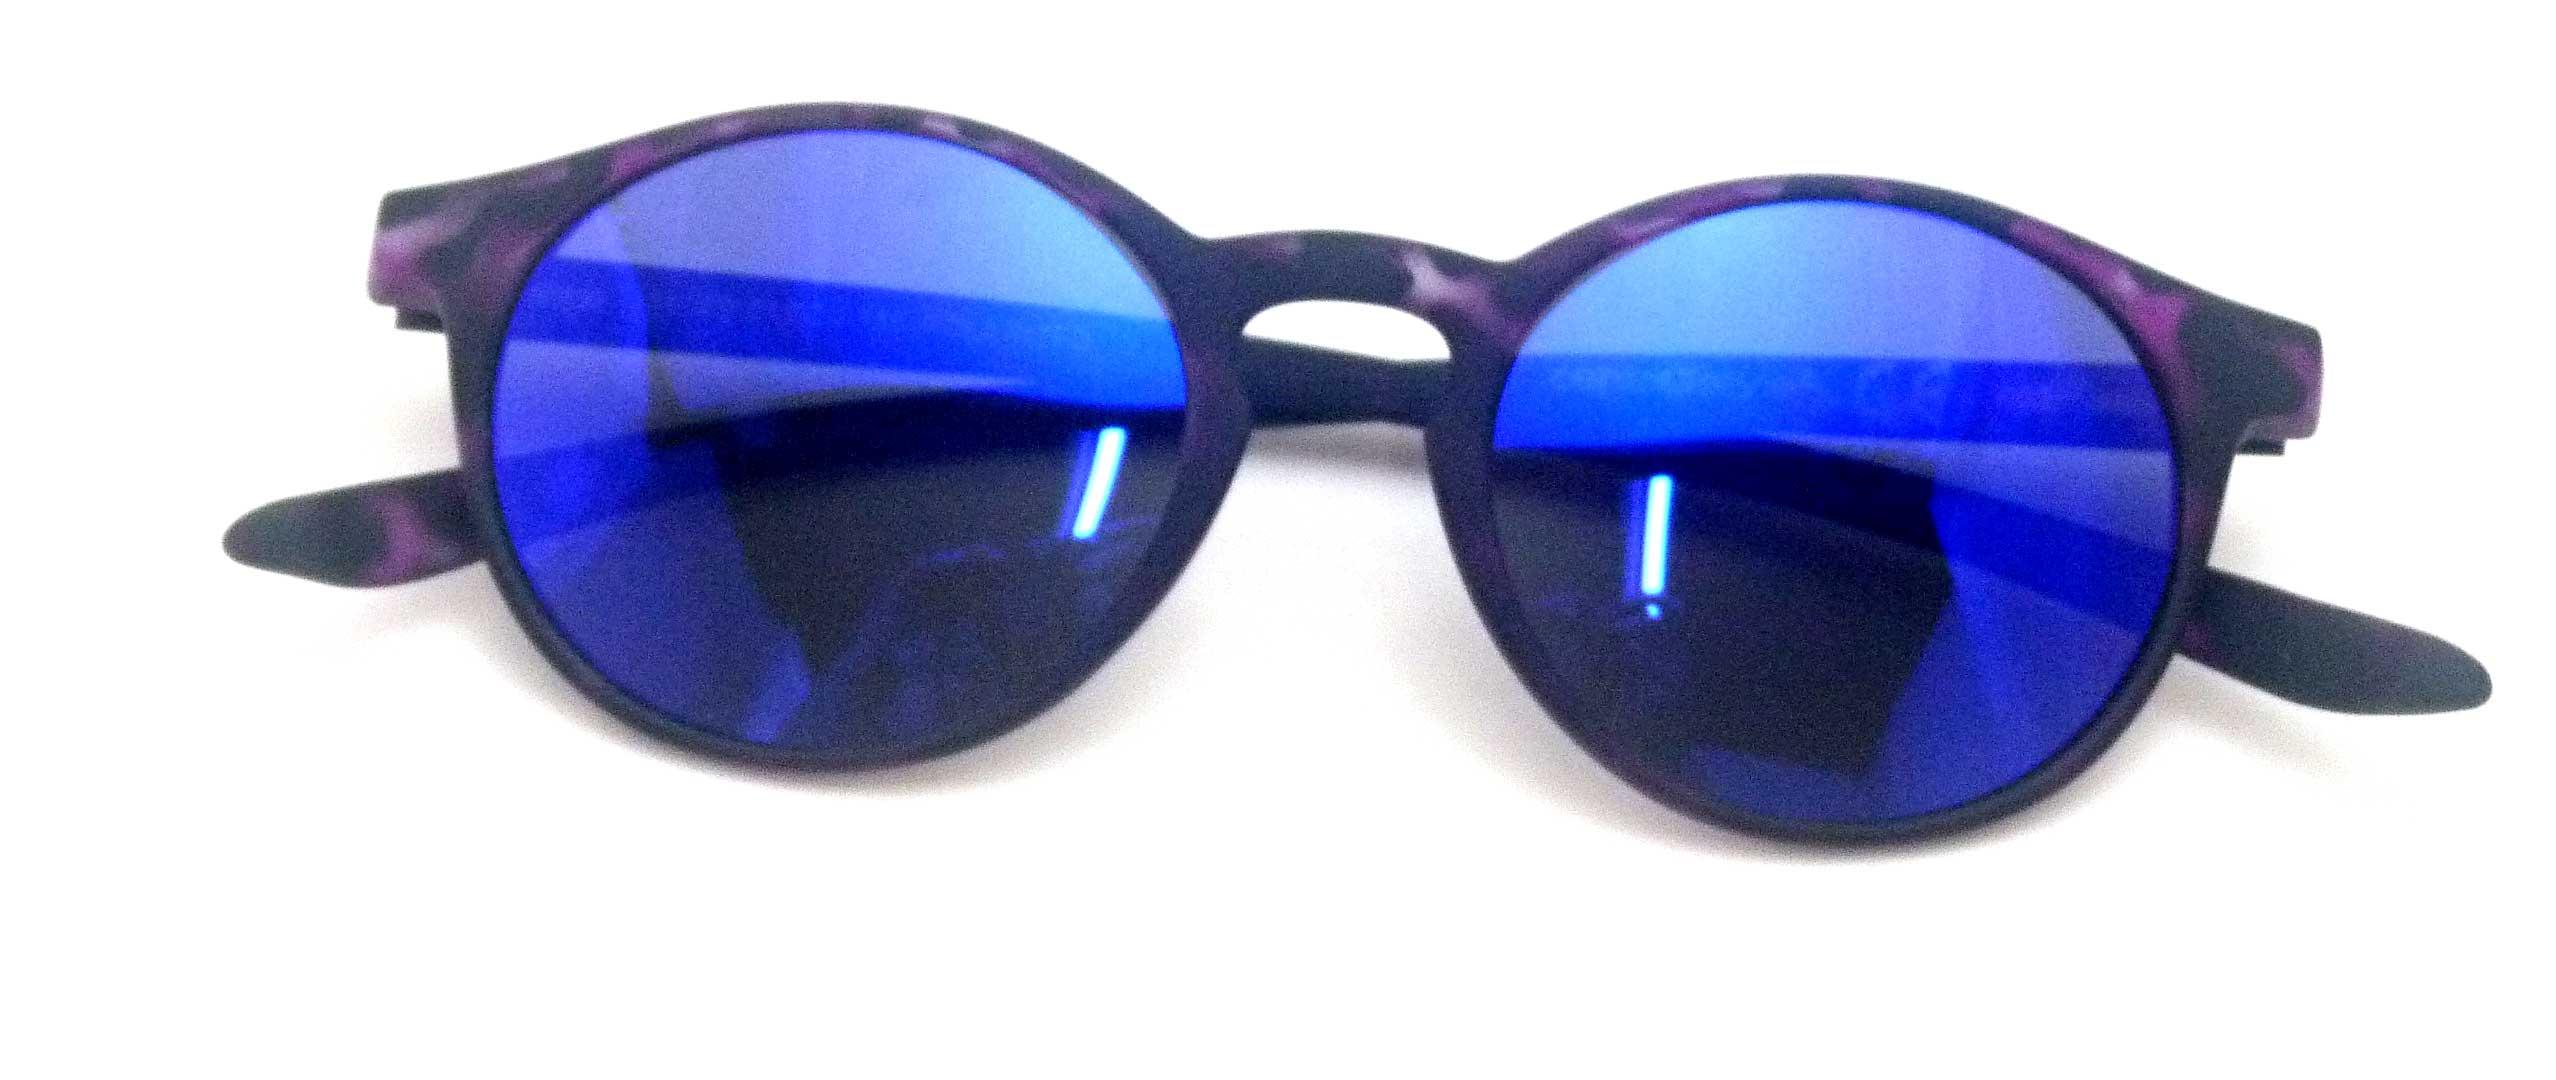 0215142 - Óculos-Solar CS Koala Rubber 51x20 DemiRoxo Mod 15142 FLAG 9  -Contém 1 Peça